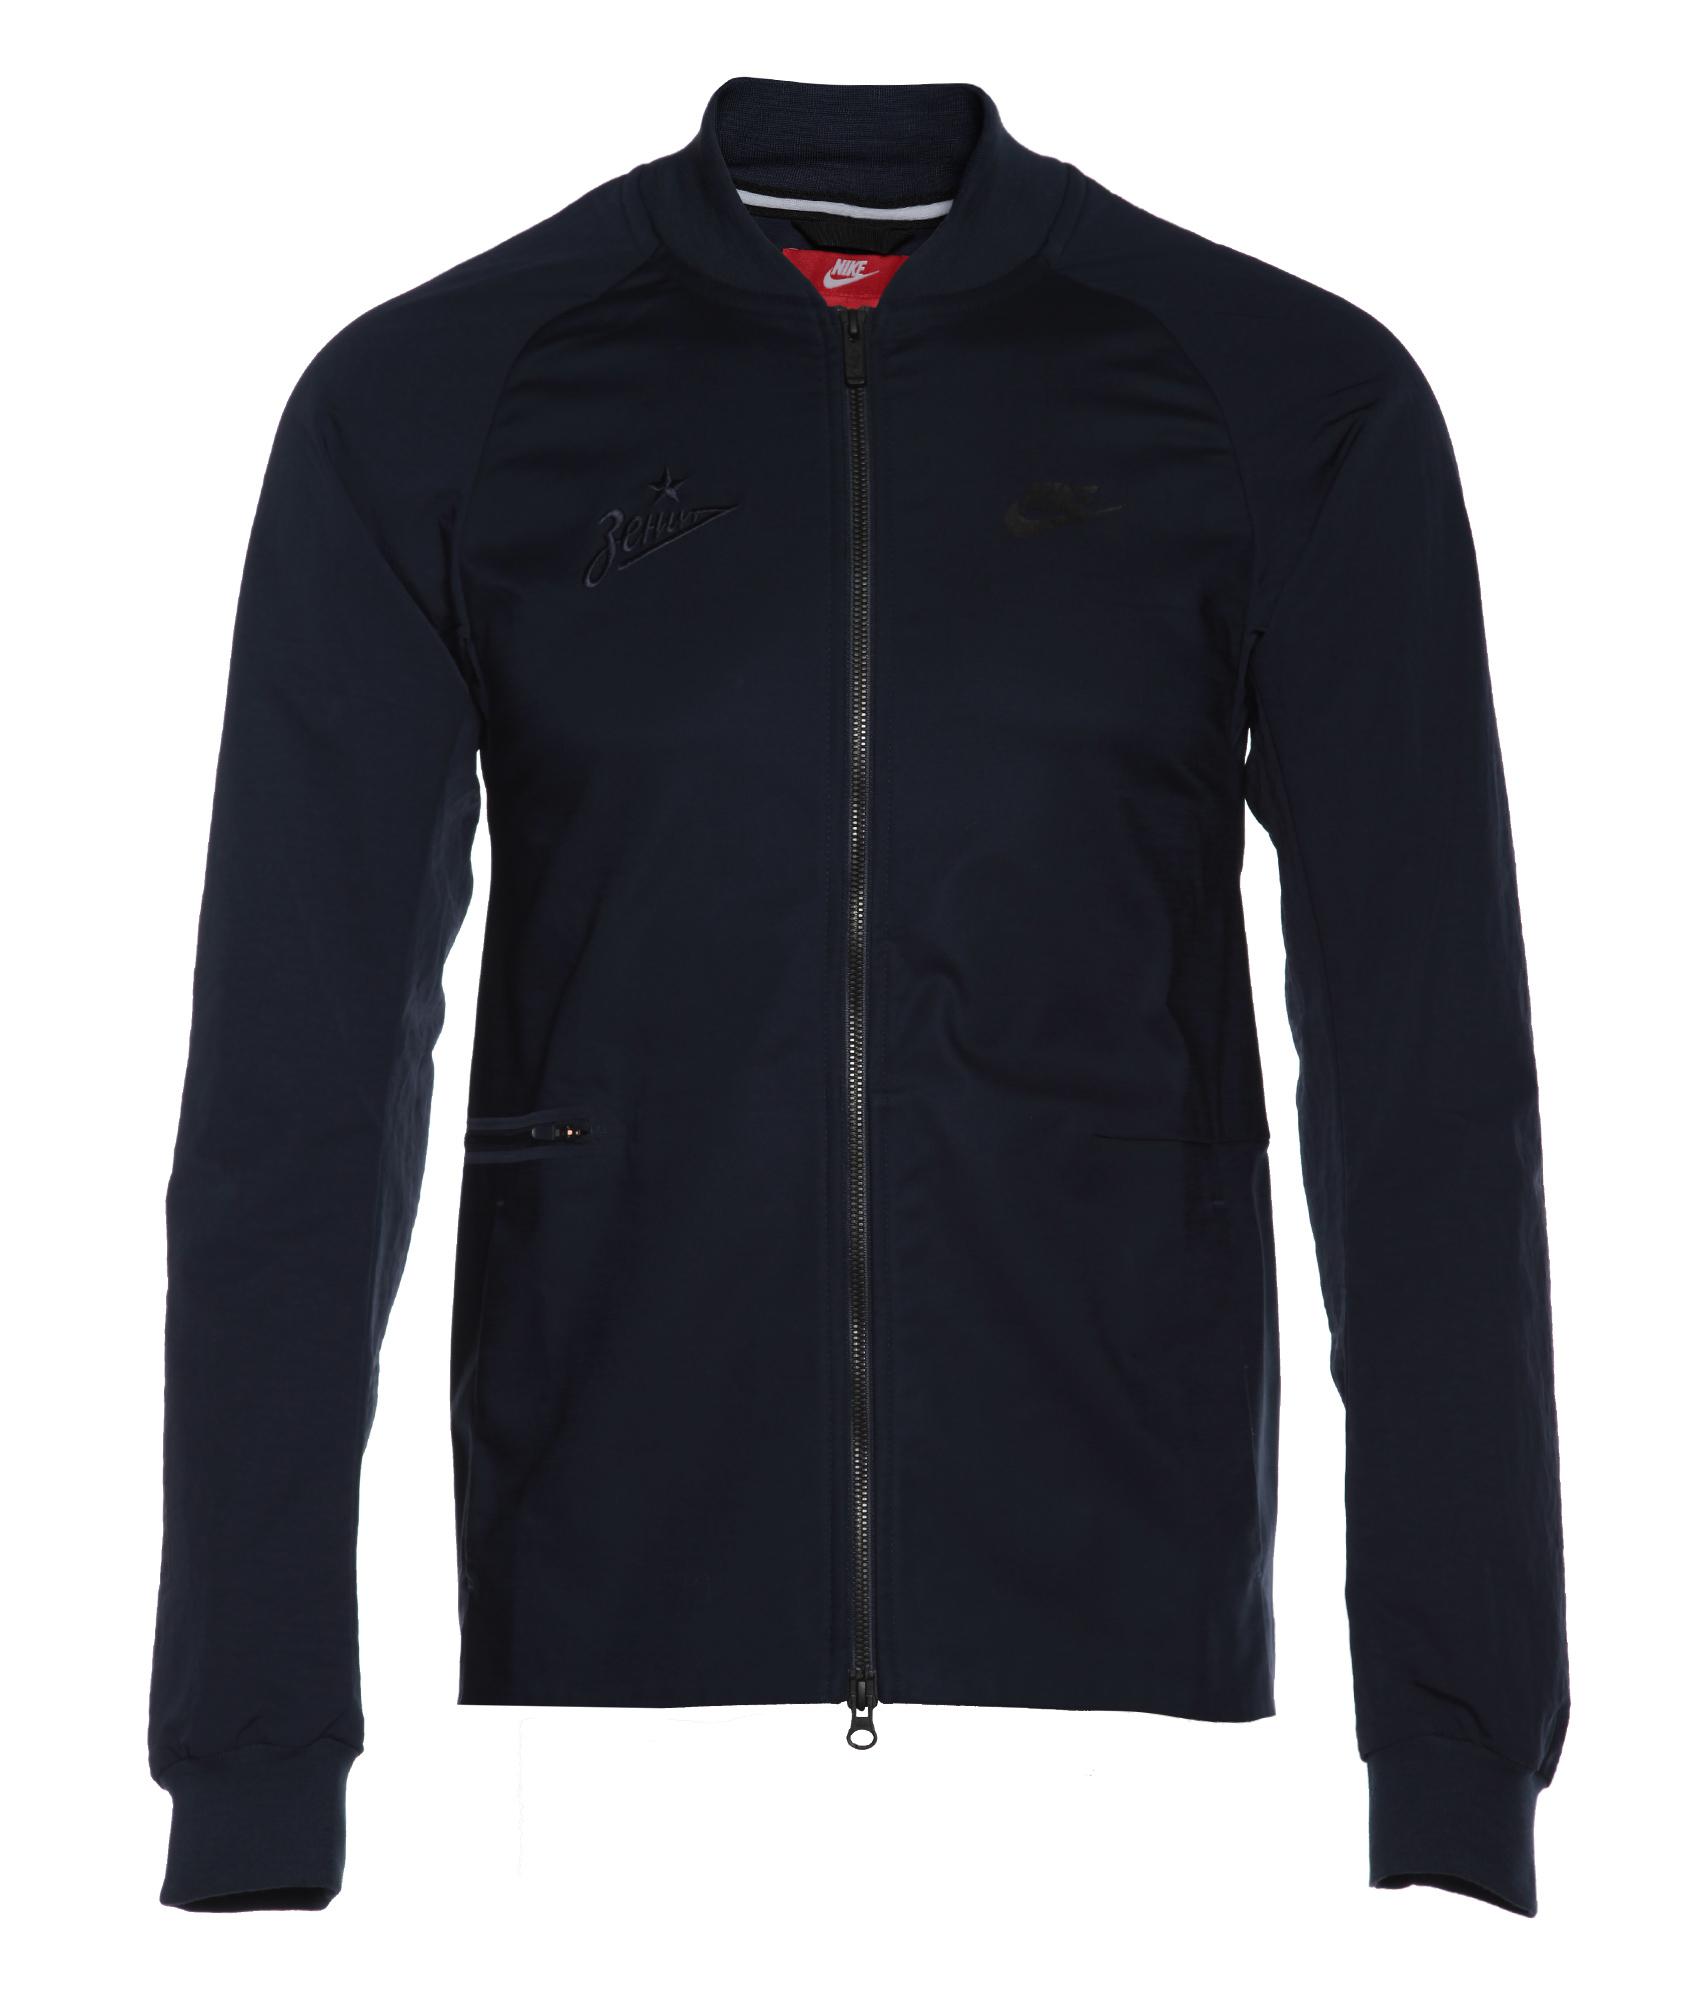 Куртка Nike, Цвет-Темно-Синий, Размер-M поло nike цвет голубой размер m